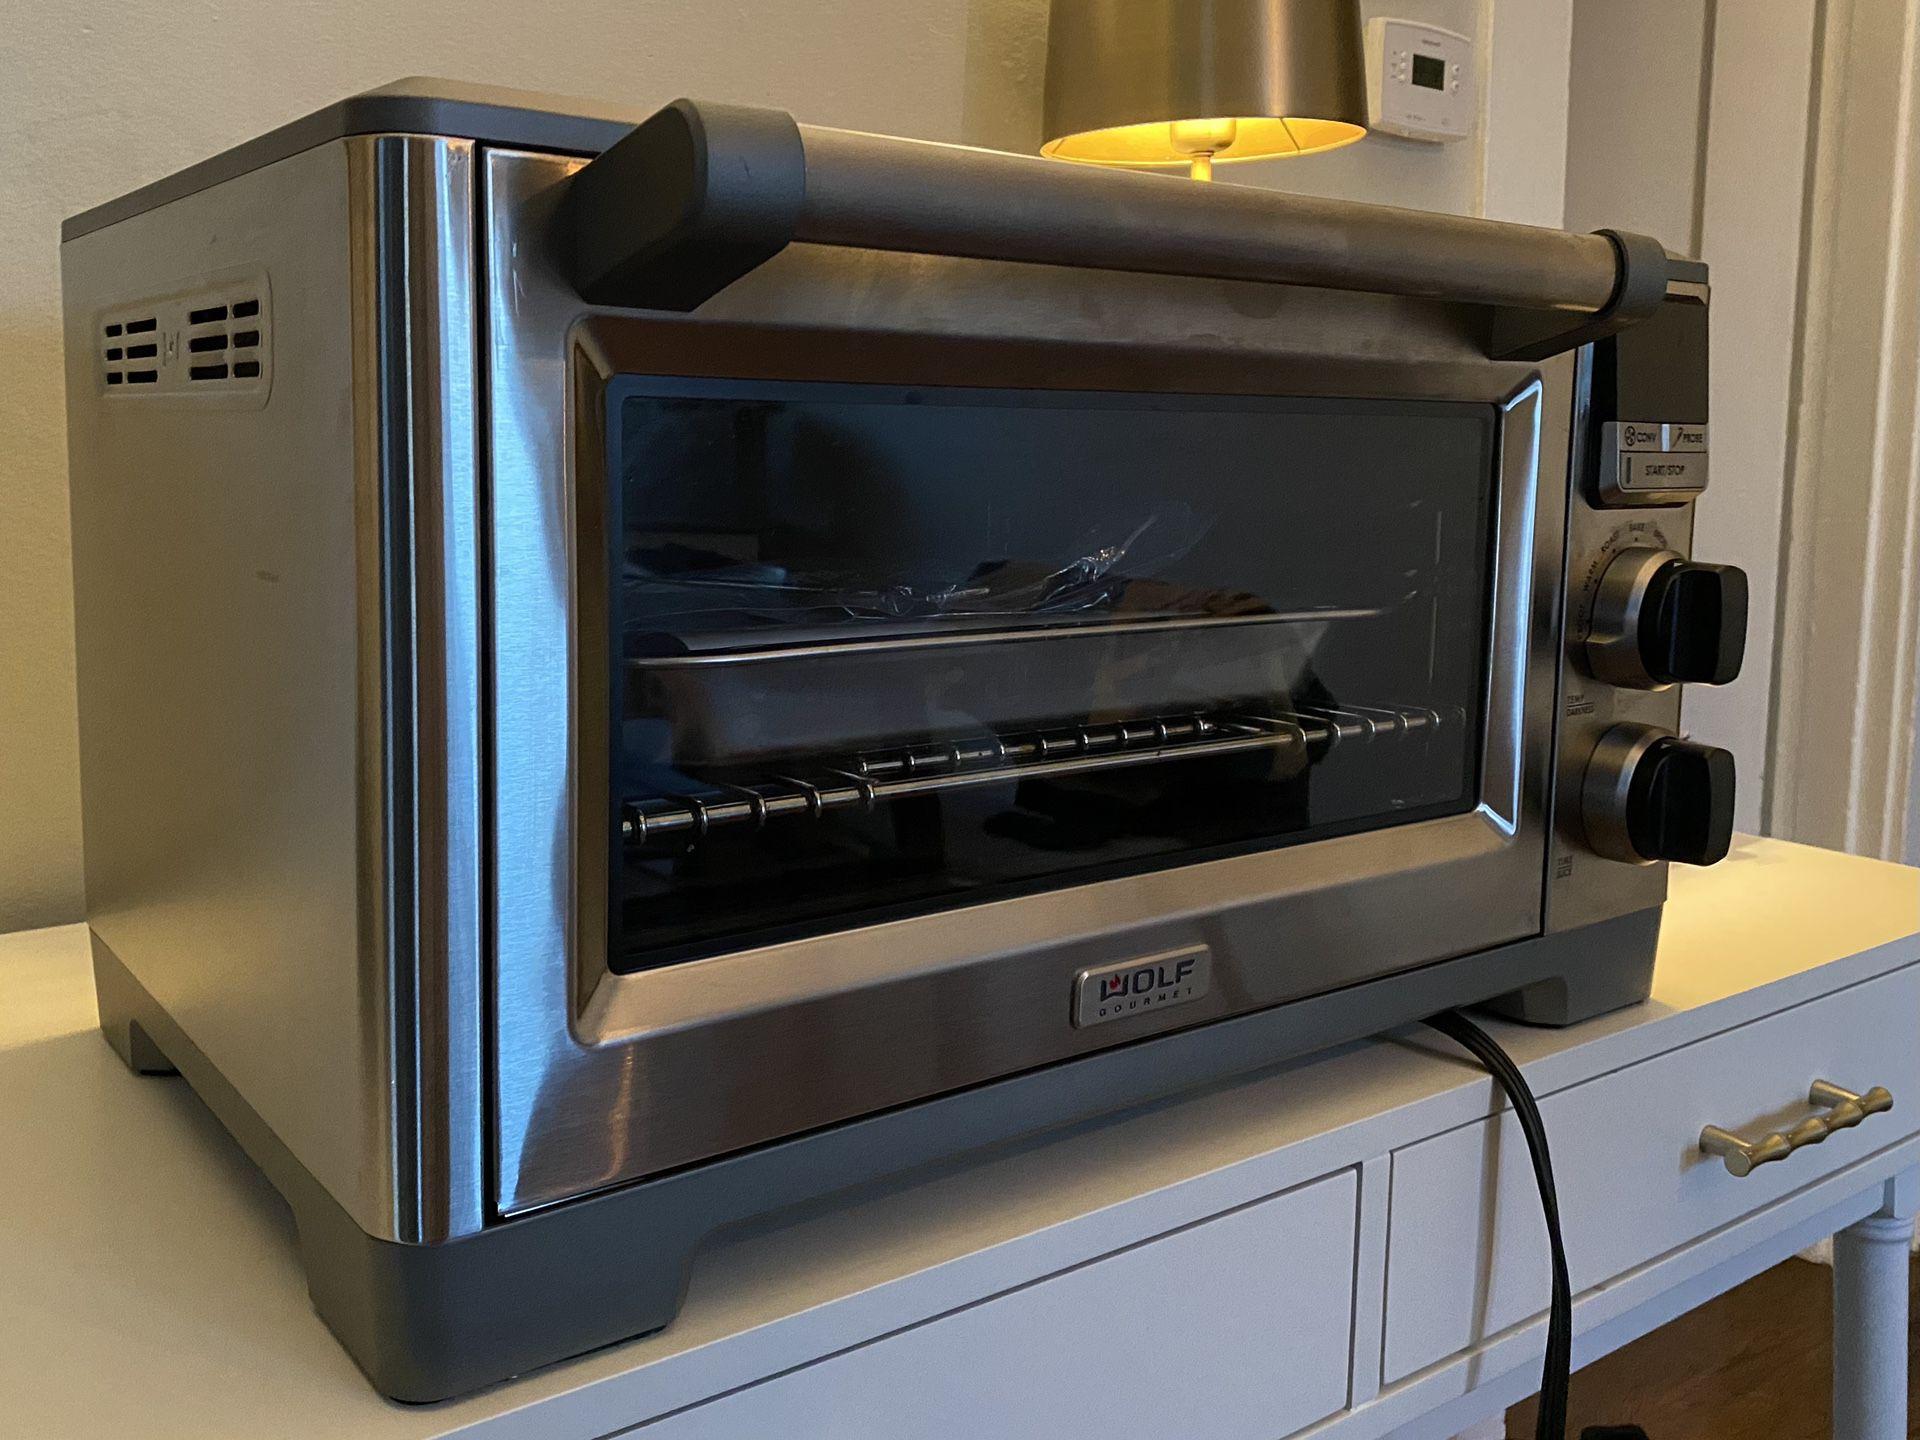 Wolf Gourmet Elite Countertop Oven